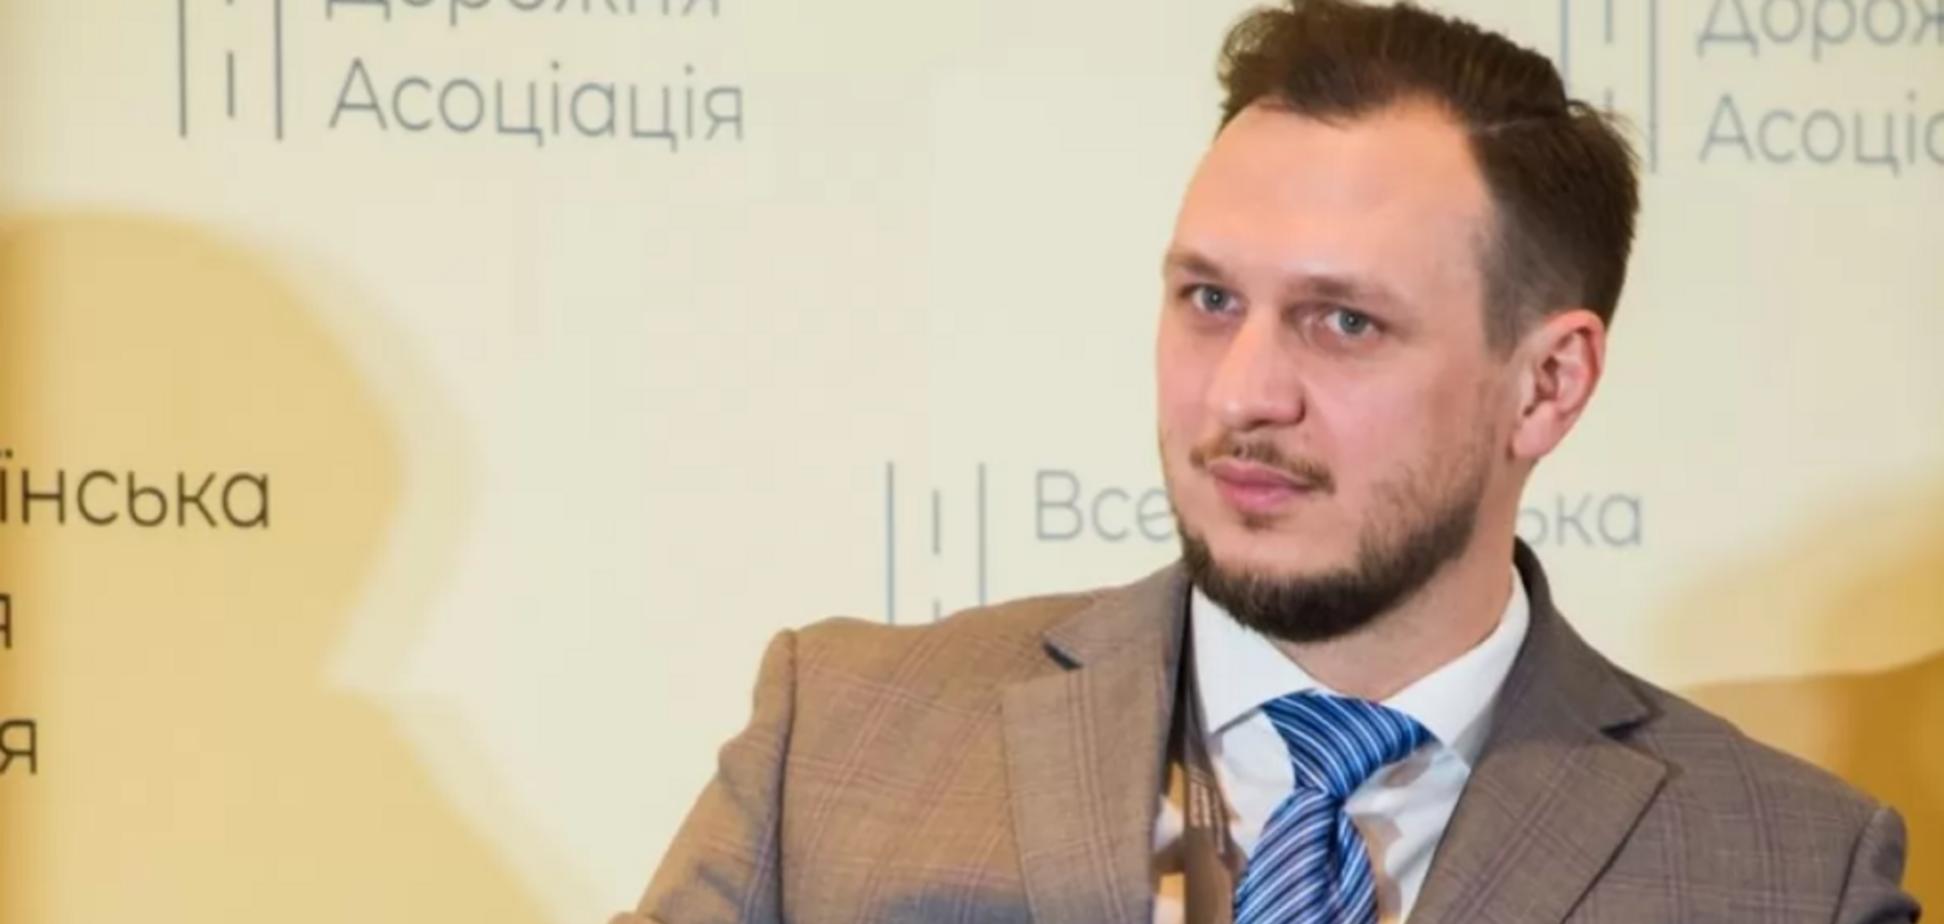 ЗМІ розкрили змову 'антикорупціонера' Гриненка проти голови 'Укравтодору'